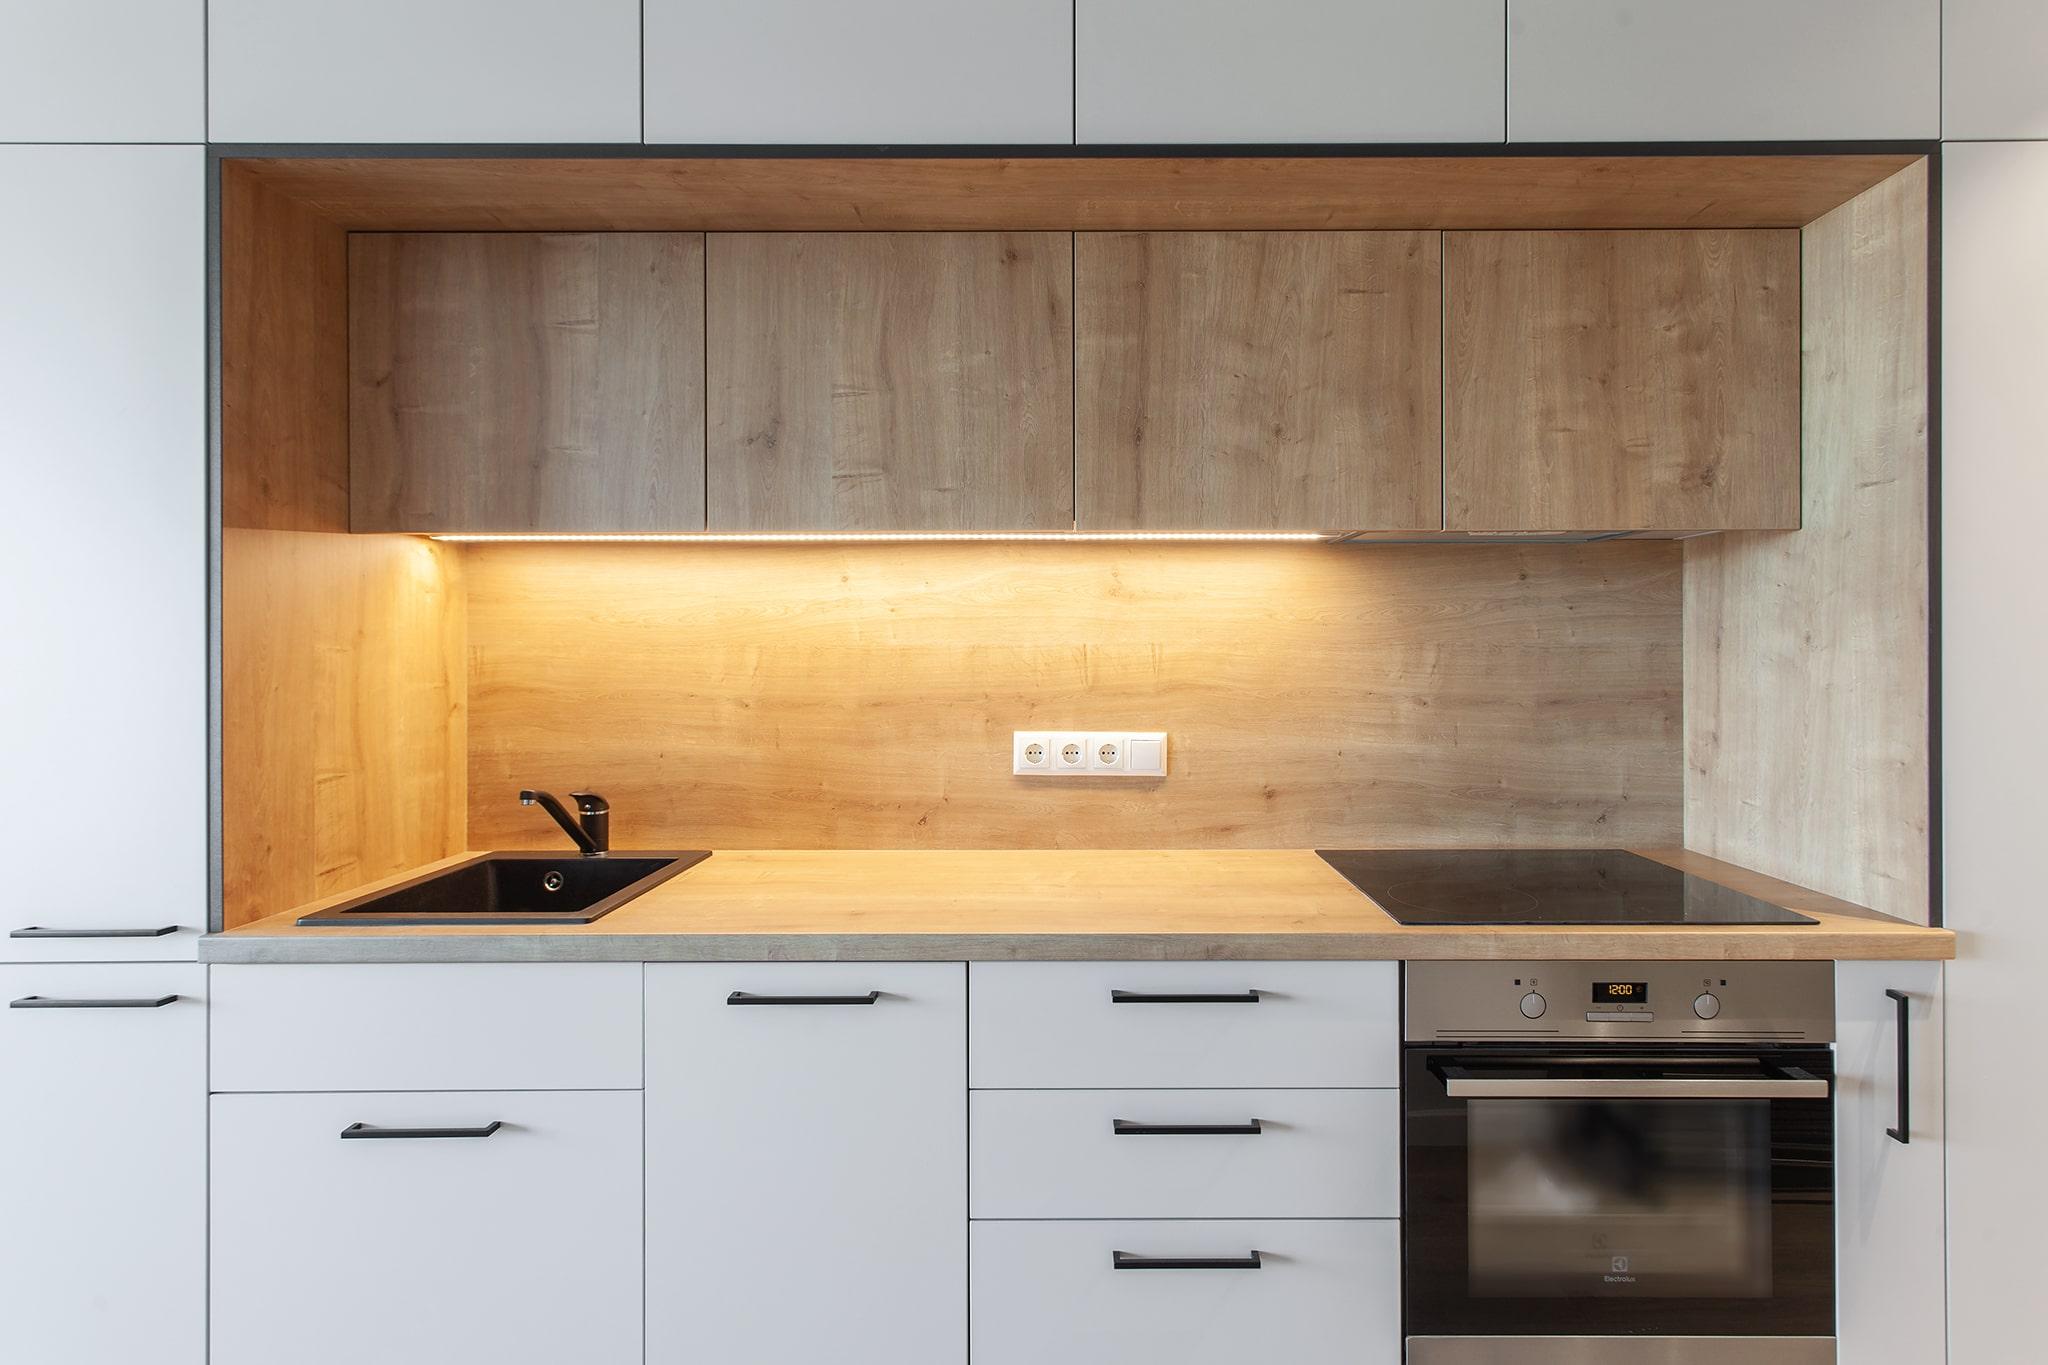 Šis vieno kambario butas funkcionaliai suprojektuotas ir įrengtas taip, kad net ir nedideliame plote rasite viską, ko reikia patogiam gyvenimui.